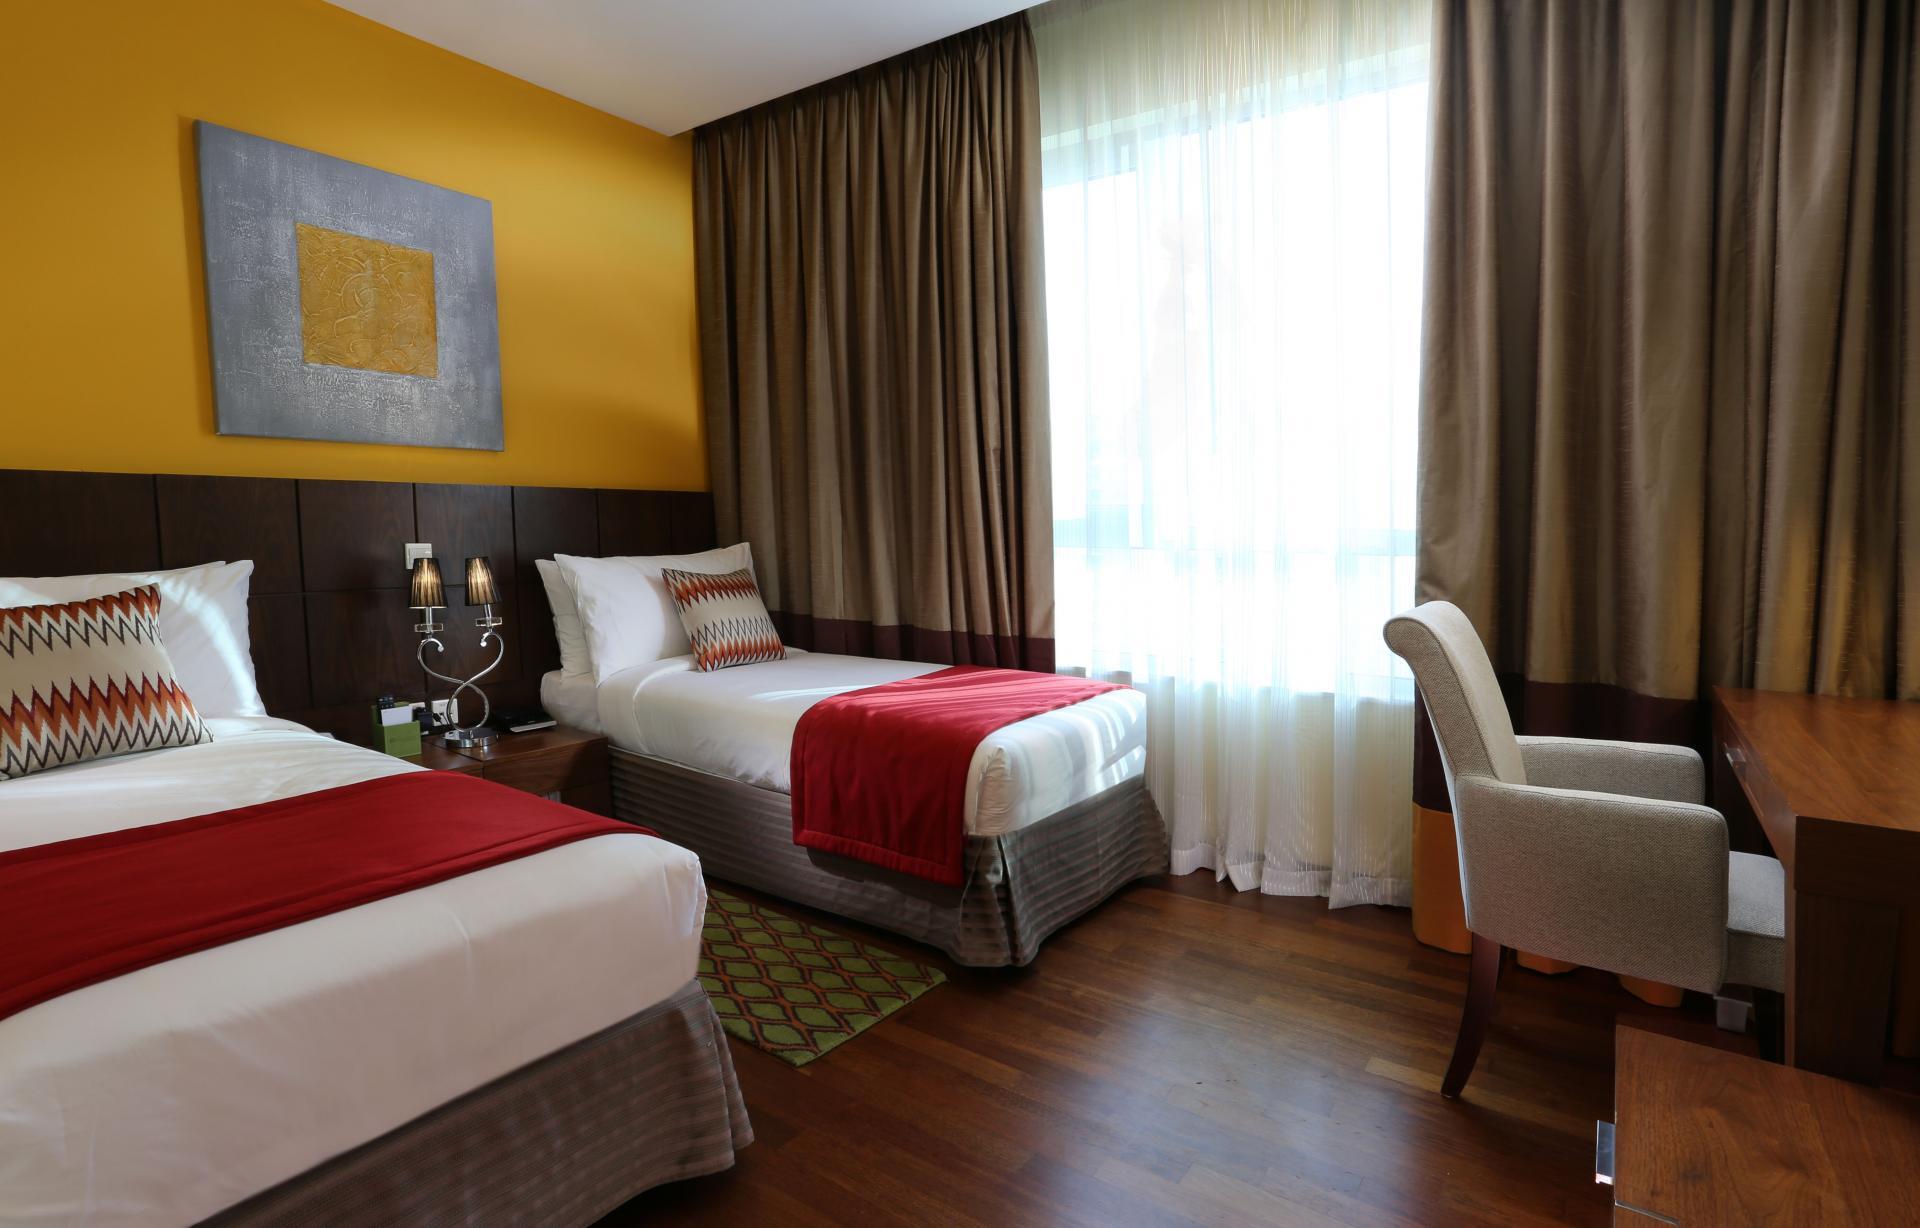 Twin beds at Ramada Downtown Dubai Apartments